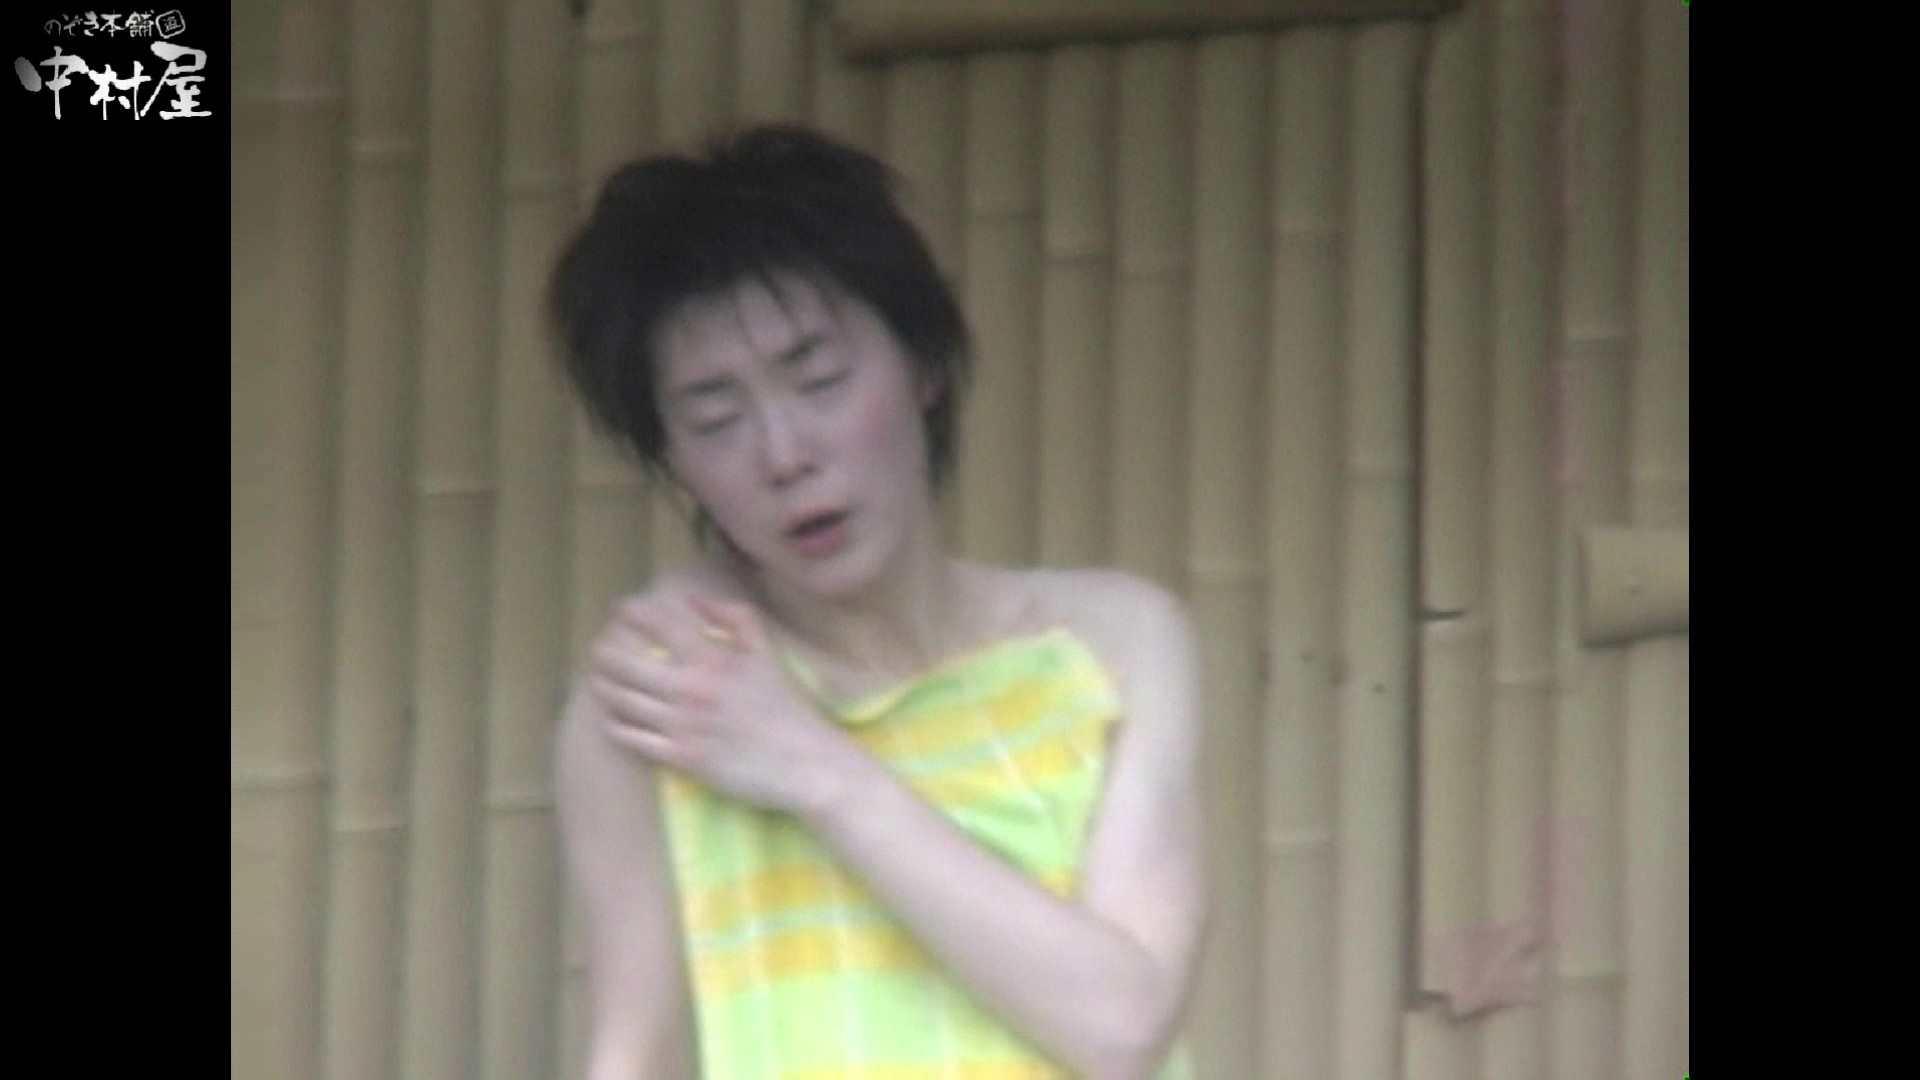 Aquaな露天風呂Vol.938 HなOL SEX無修正画像 111pic 106